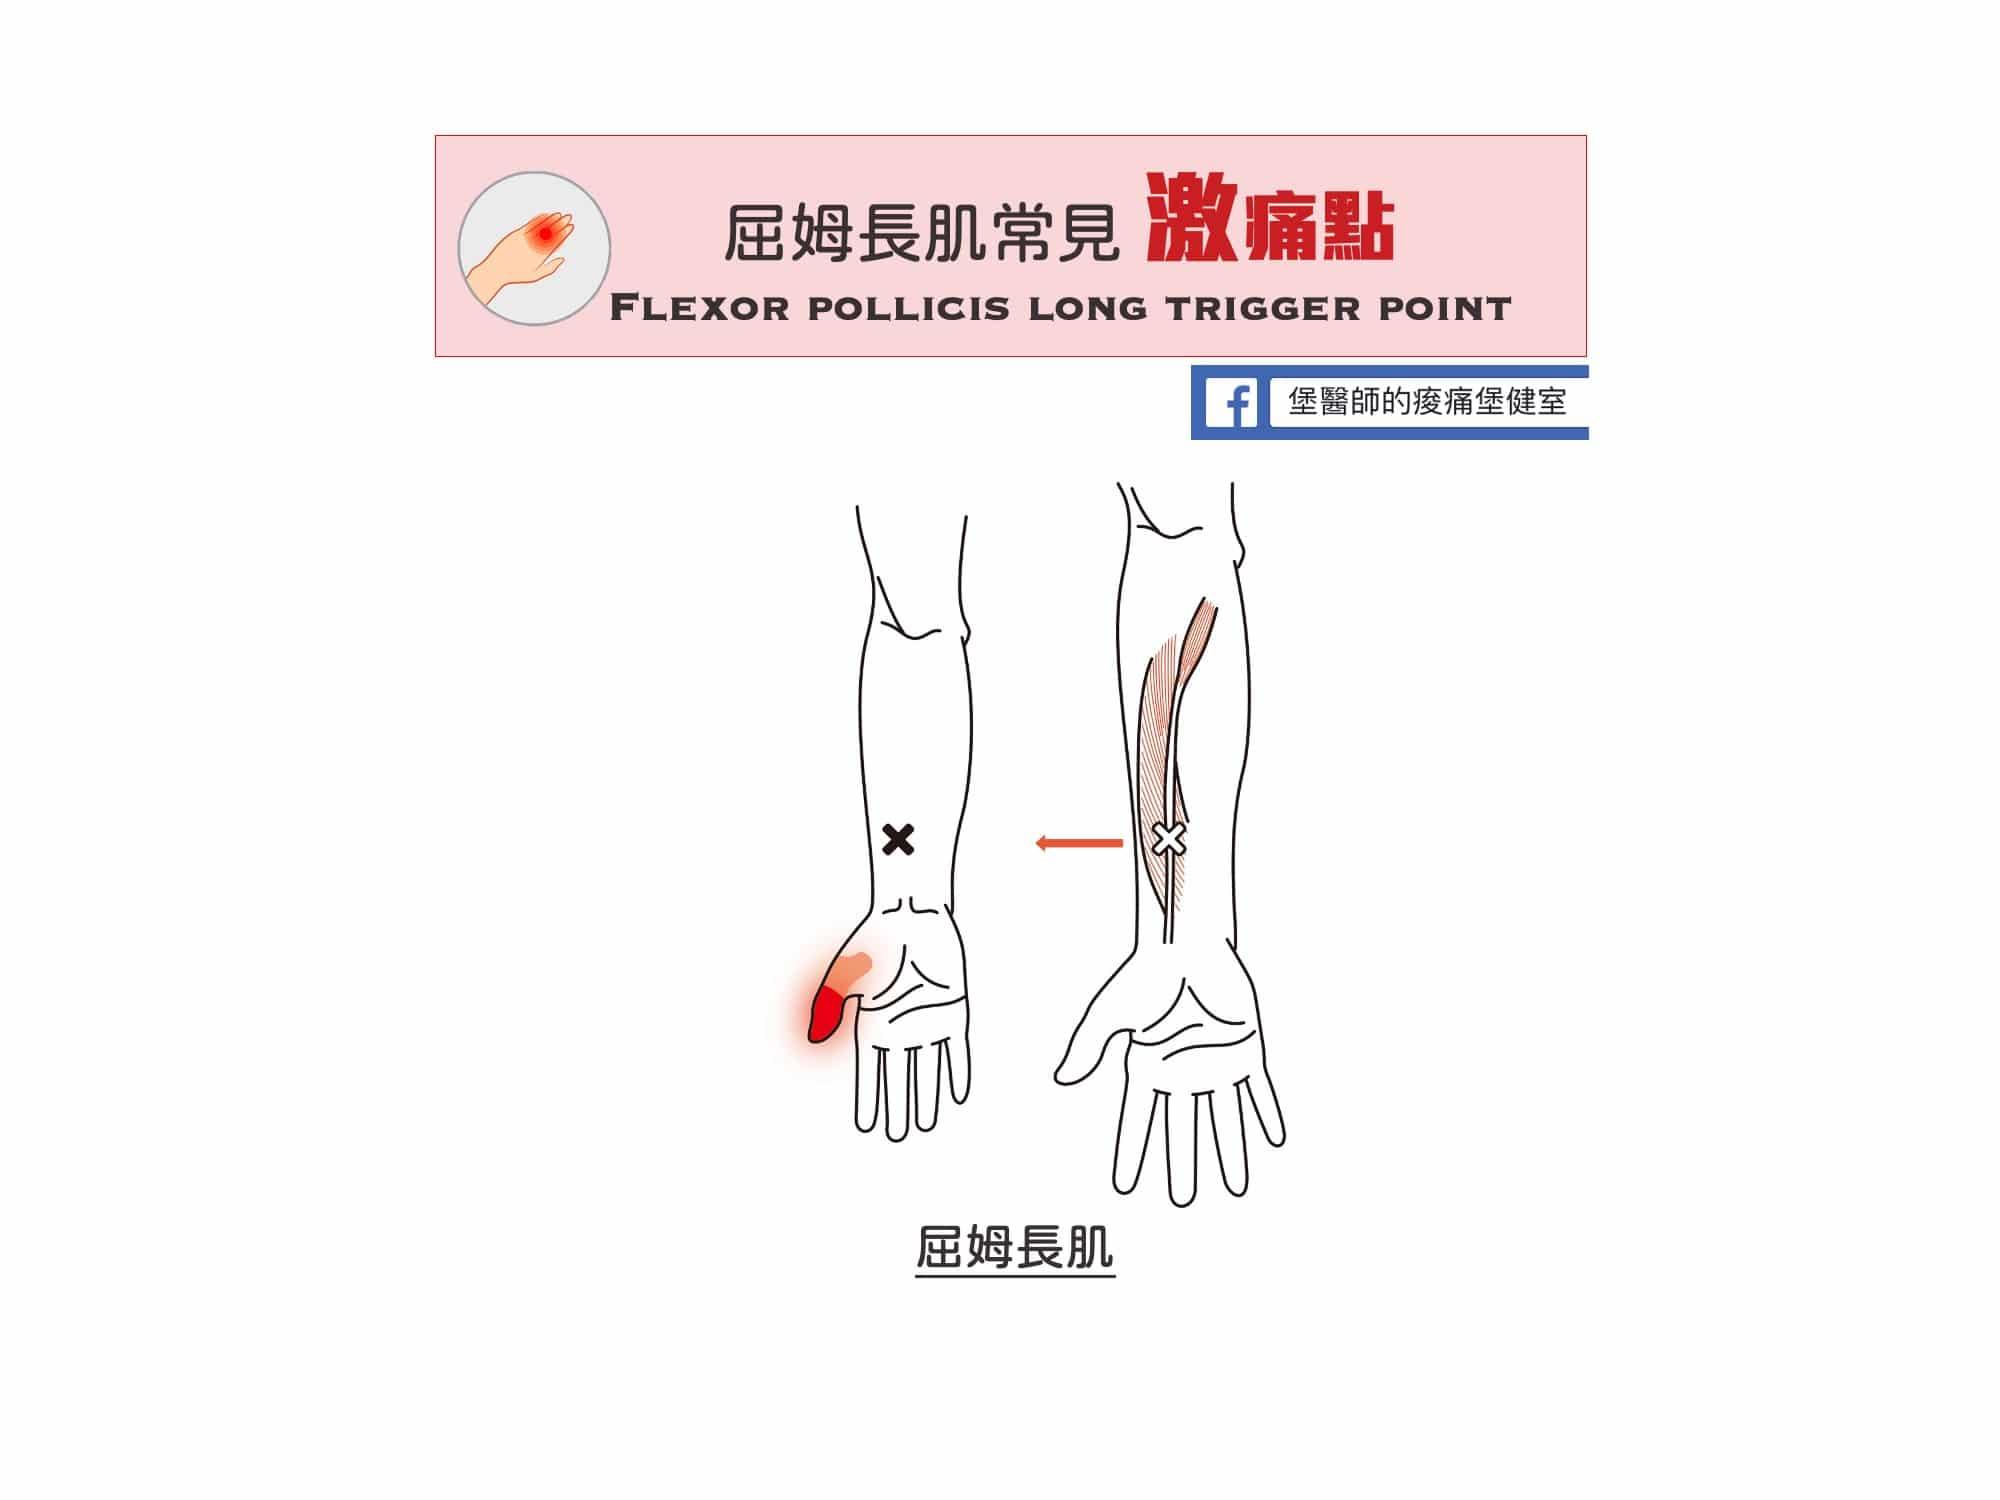 手指痛前臂痛-屈姆長肌